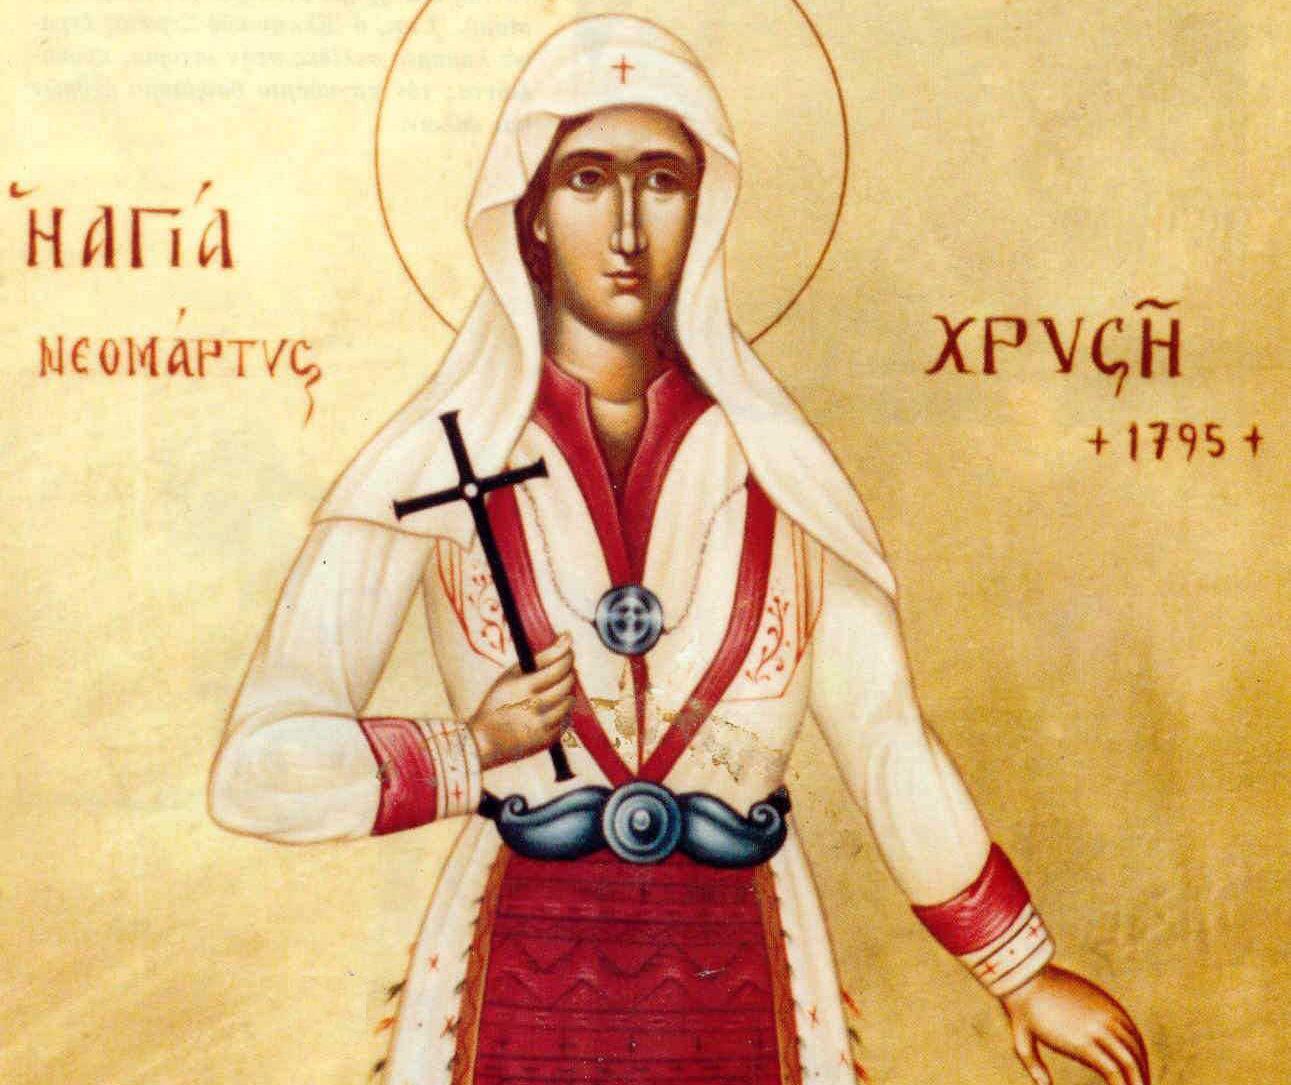 Αποτέλεσμα εικόνας για Η Αγία Νεομάρτυς Χρυσή († 13 Οκτωβρίου)